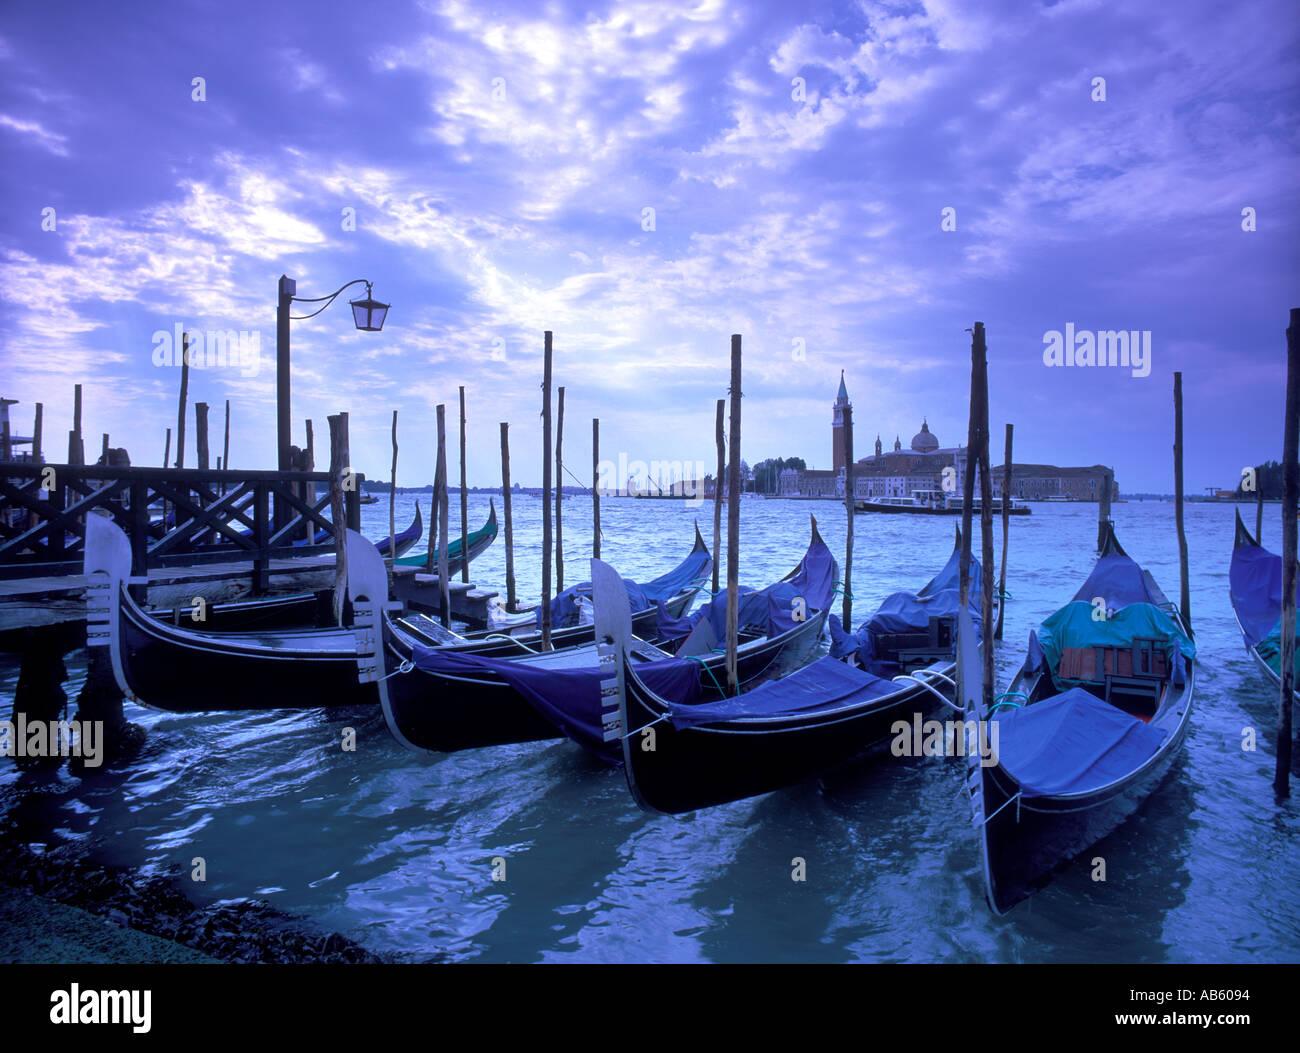 Italia, Veneto, Venezia, Chiesa di San Giorgio maggiore attraverso Basino di San Marco, gondole Foto Stock